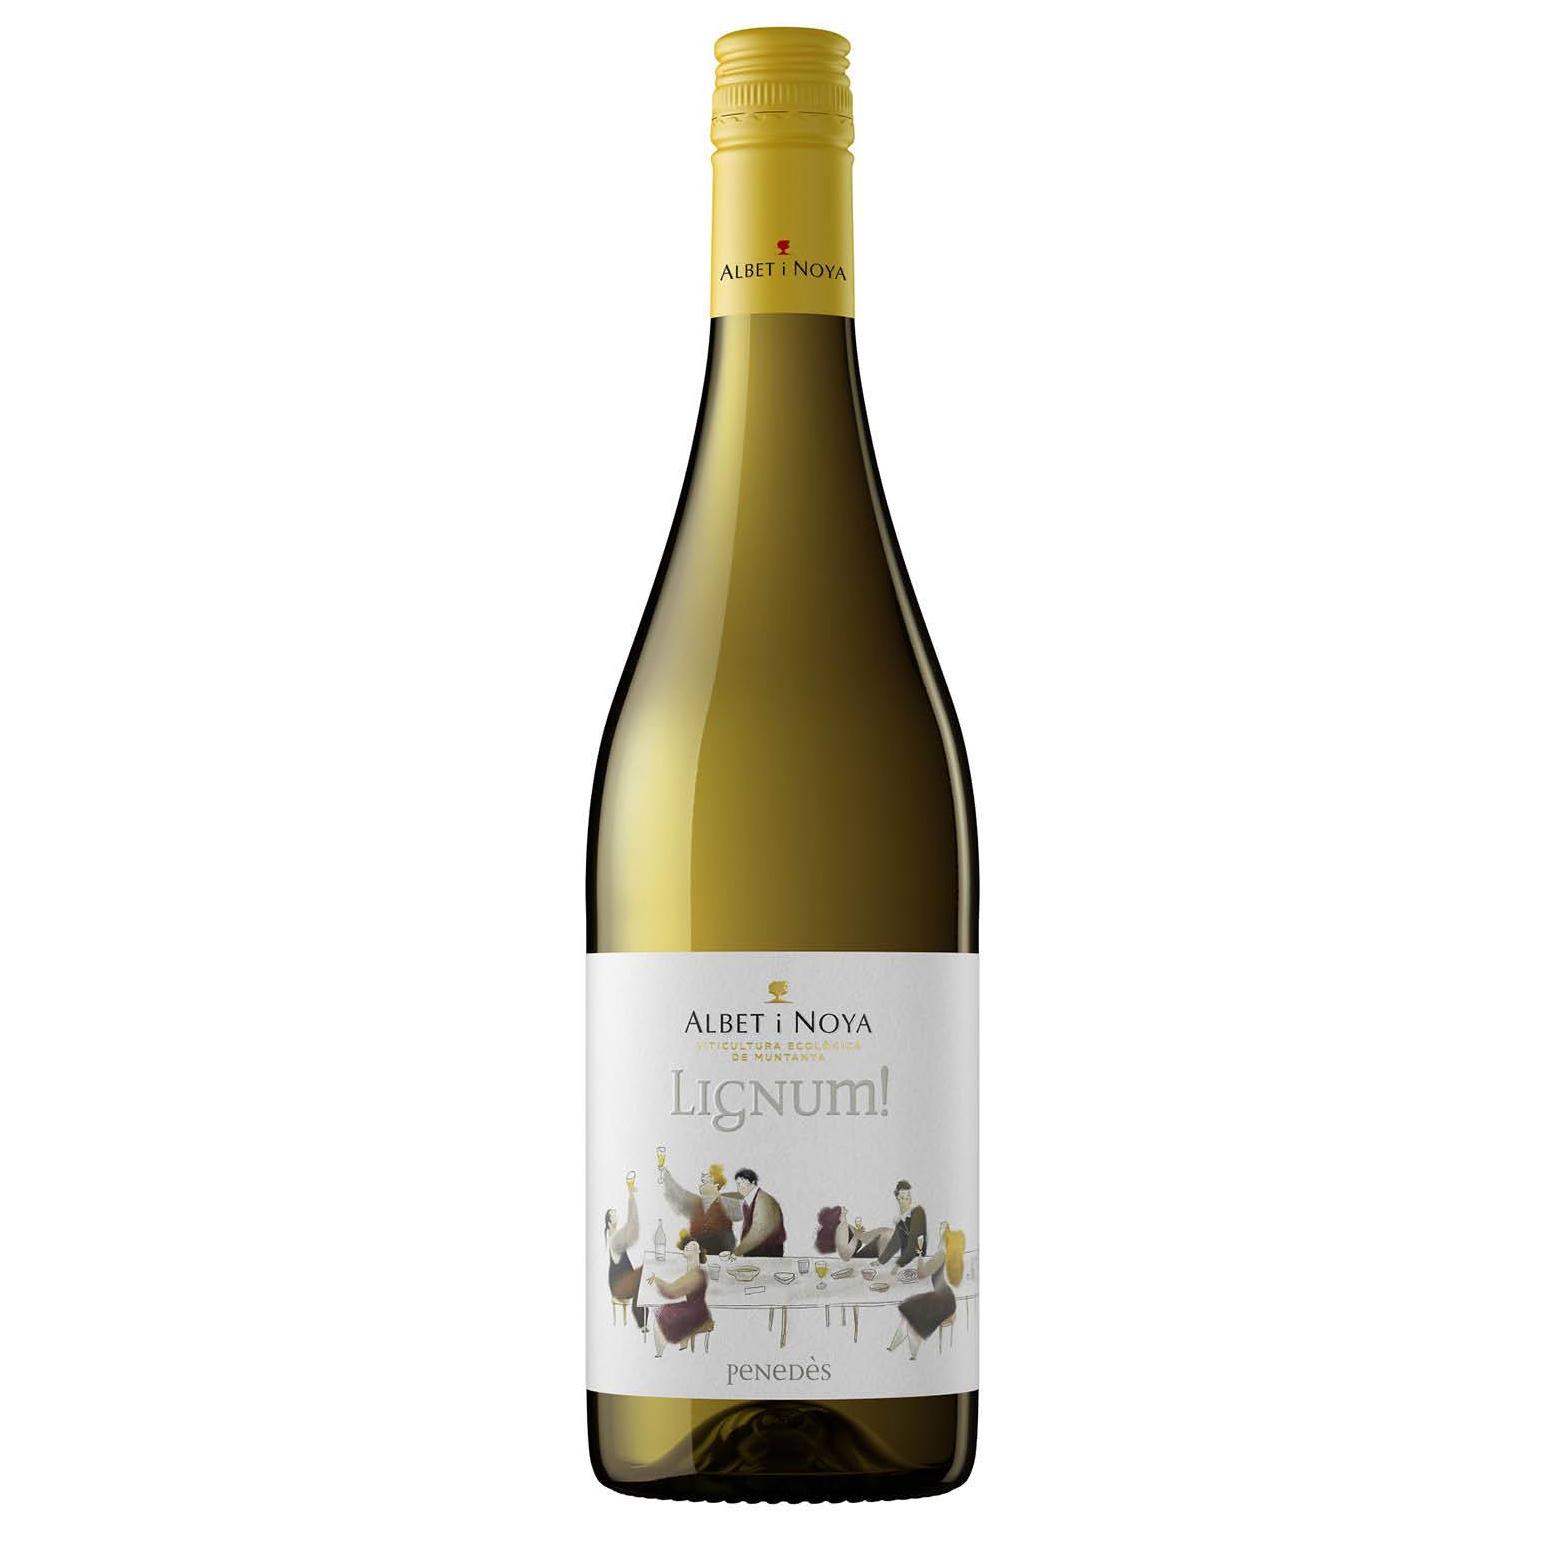 vinos-de-navidad-2020-lignum-albet-i-noia cropped